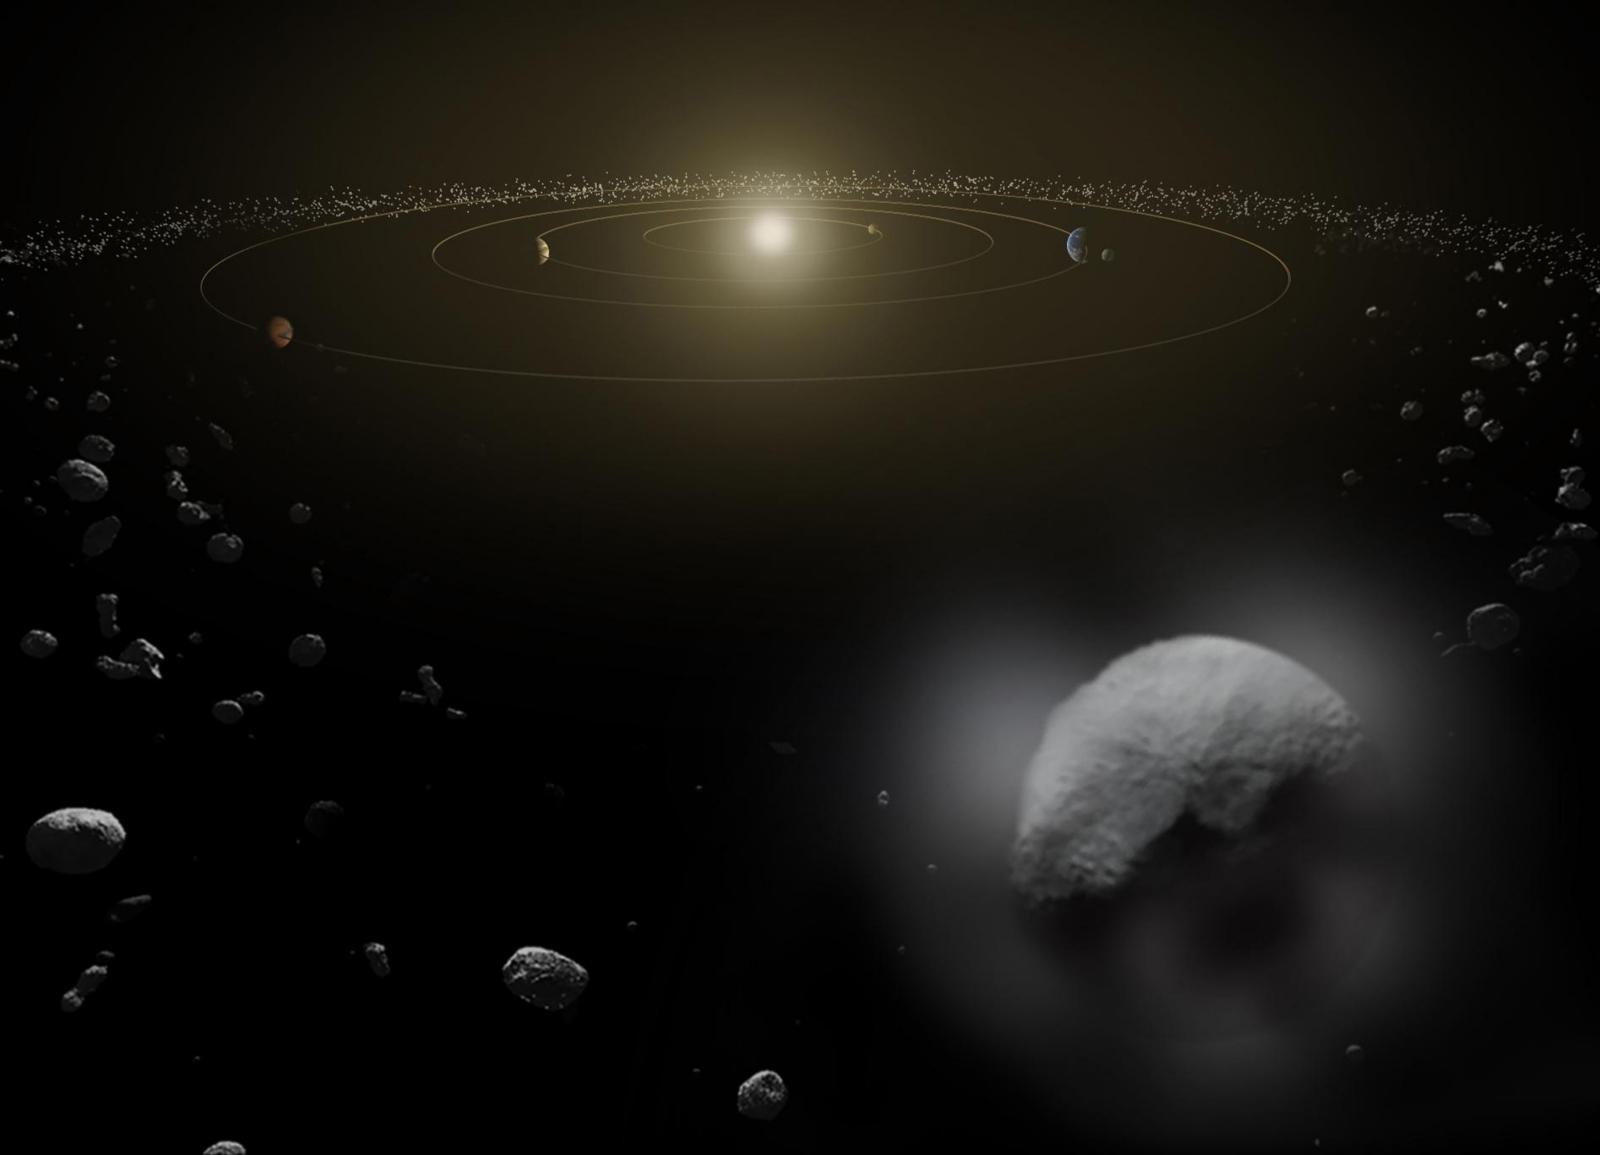 Nano-spacecraft asteroid